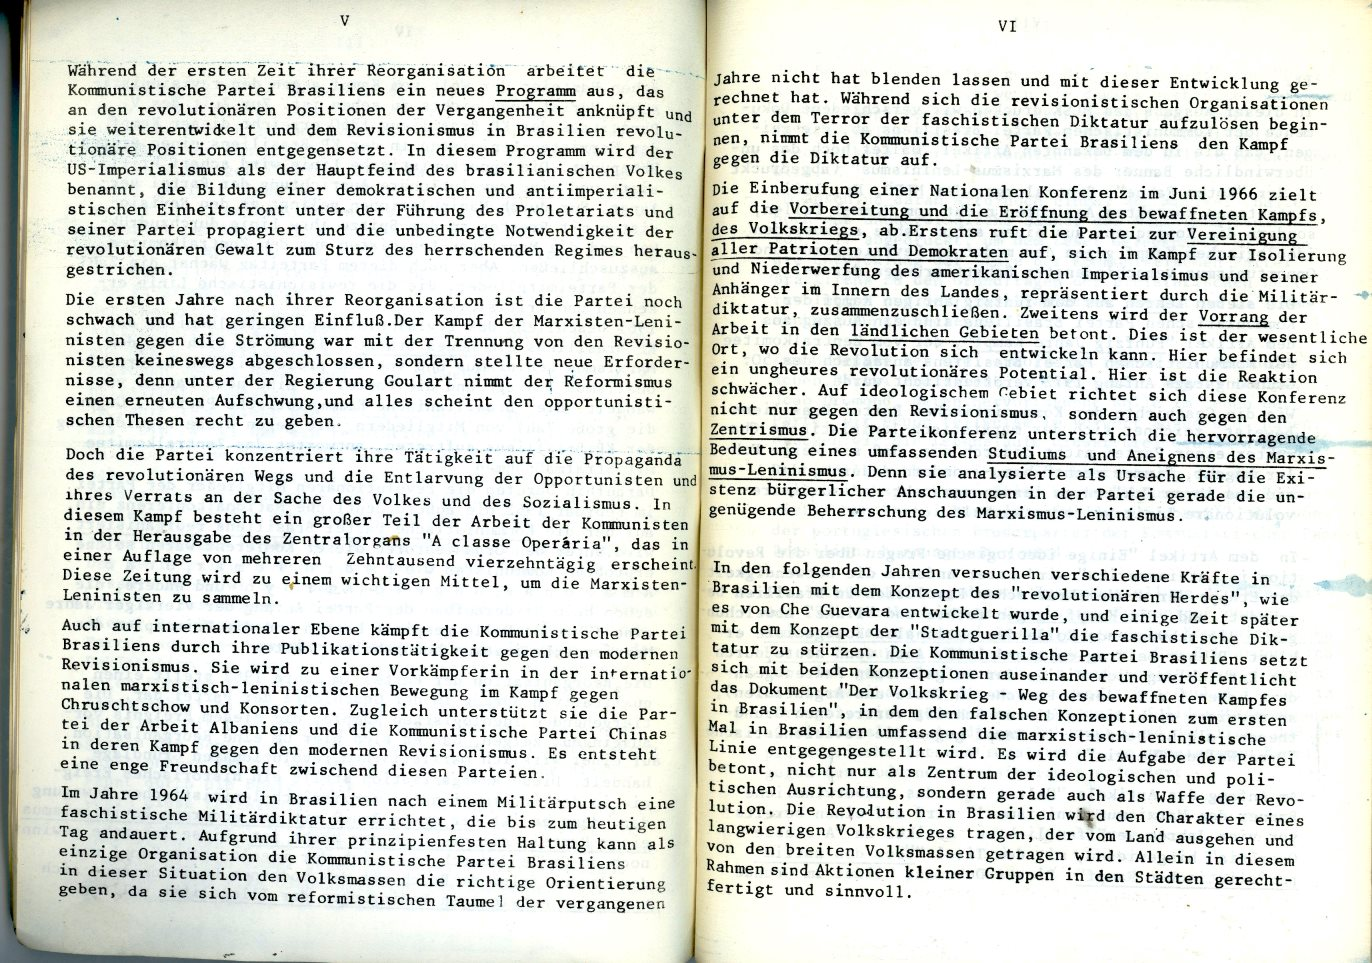 MLSK_Theorie_und_Praxis_des_ML_1978_20_06